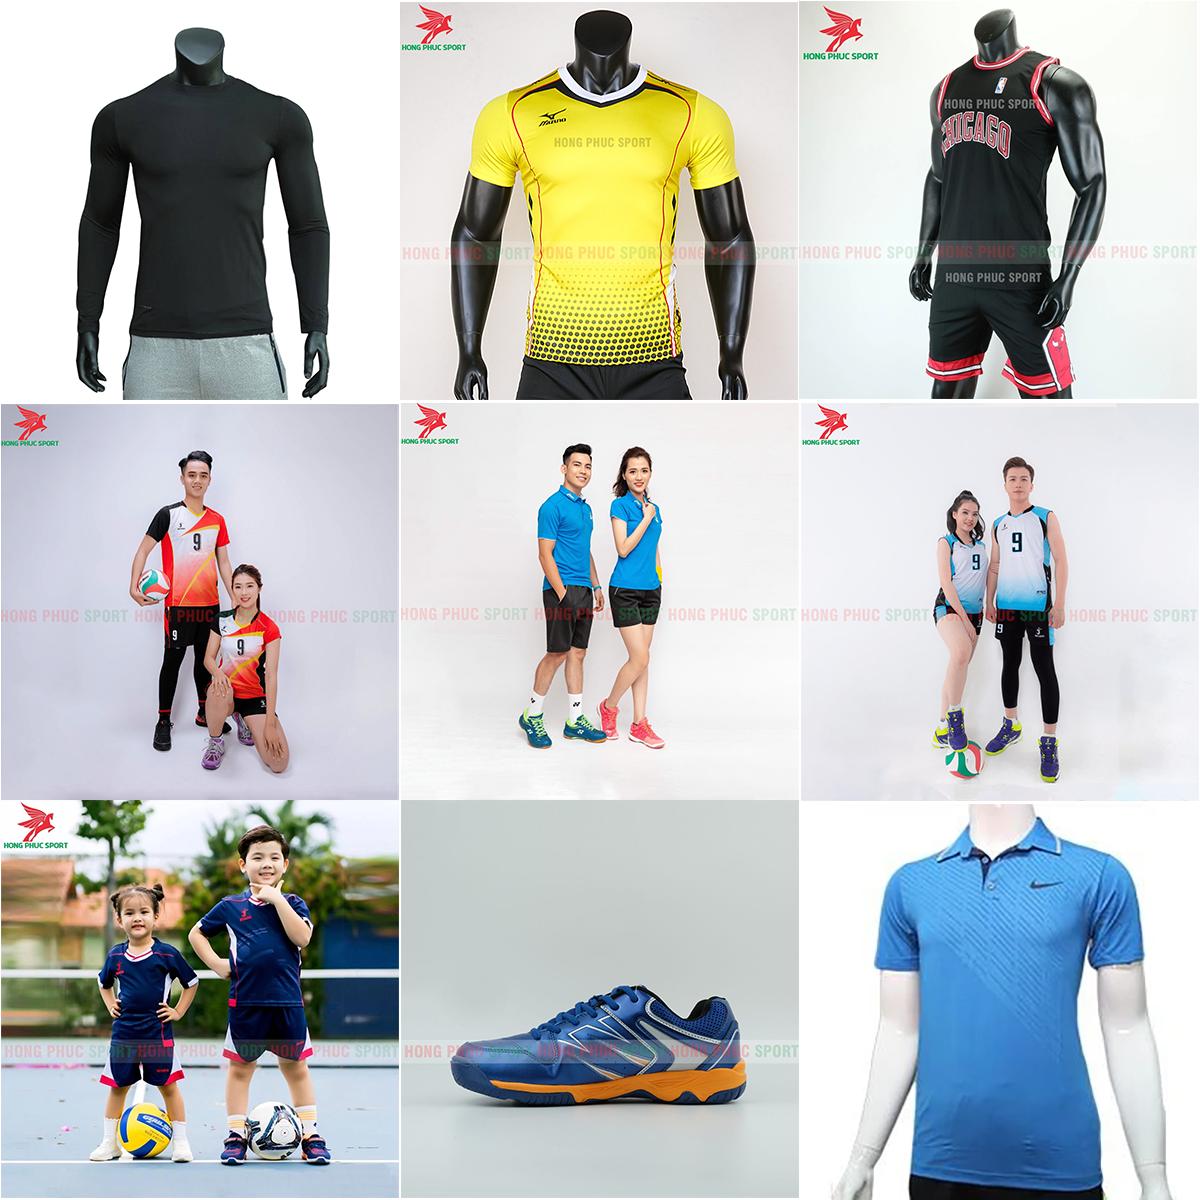 Đồ thể thao khác: bóng rổ, bóng chuyền, tennis, cầu lông,...